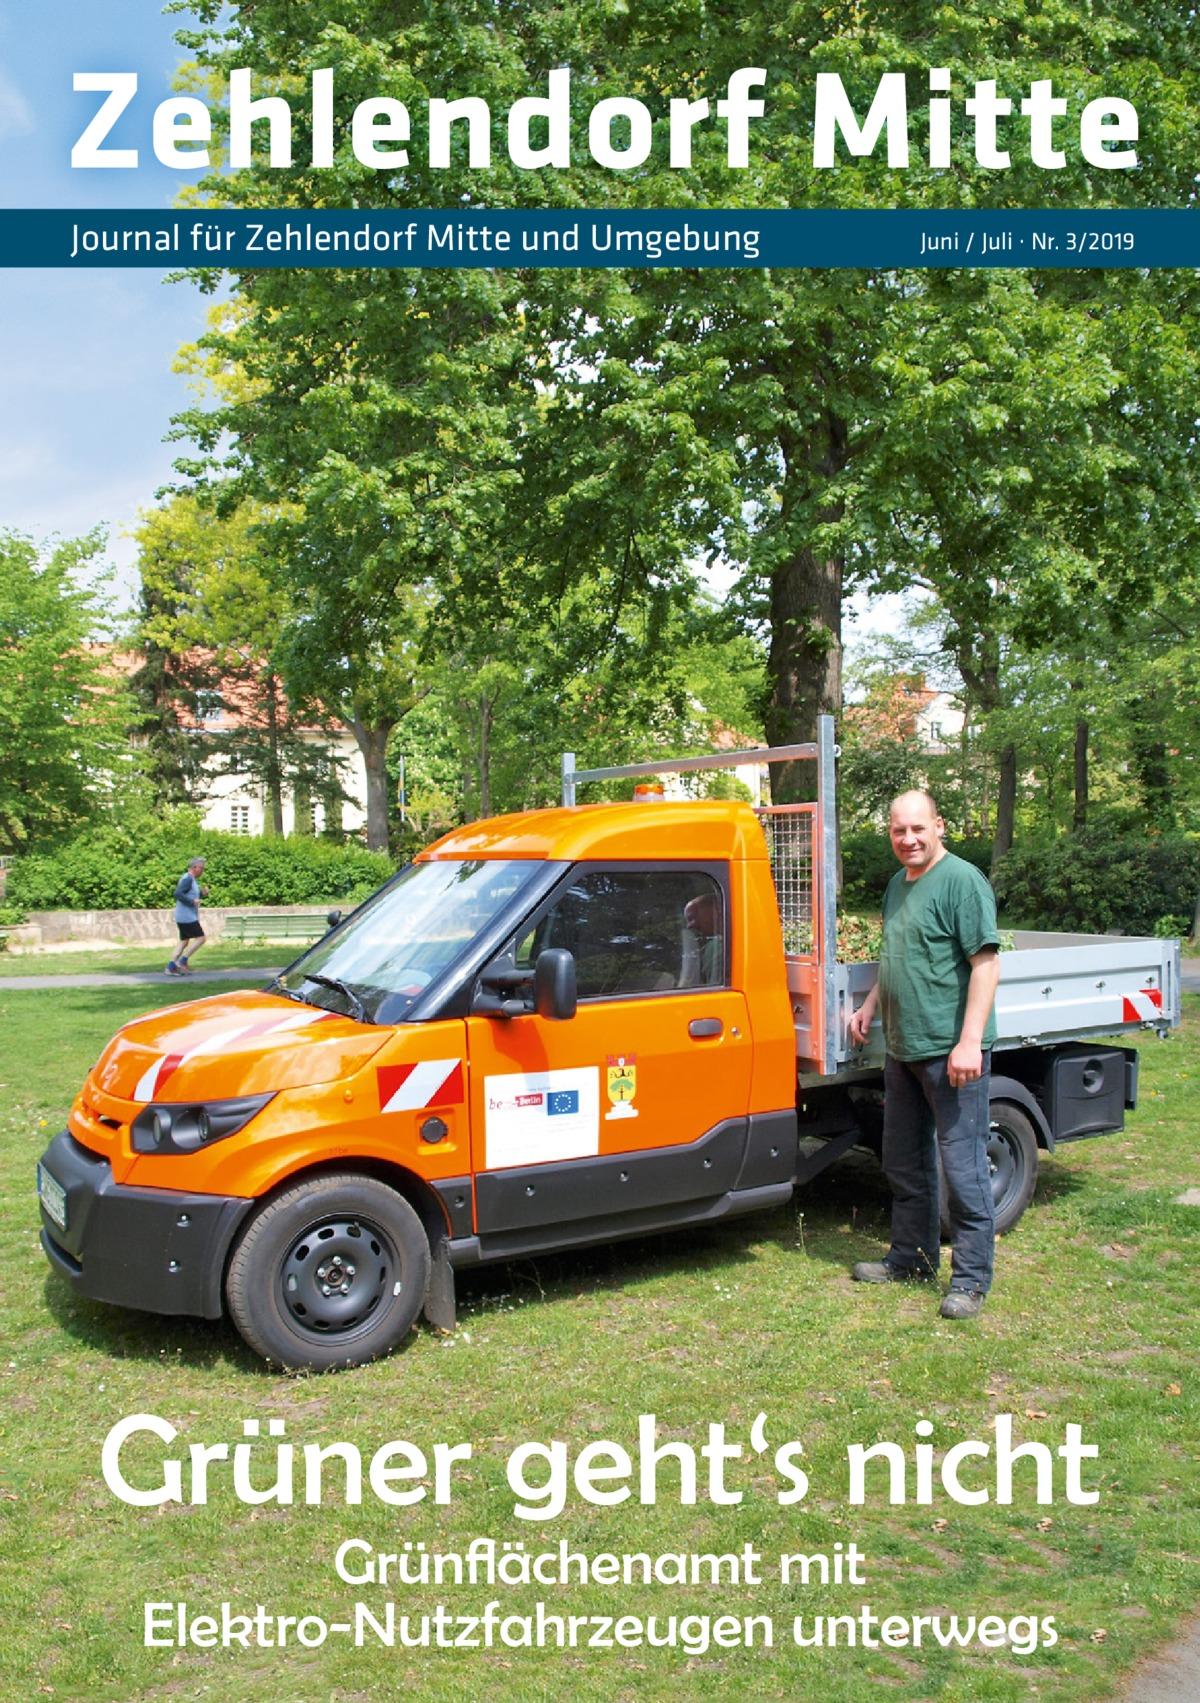 Zehlendorf Mitte Journal für Zehlendorf Mitte und Umgebung  Juni / Juli · Nr. 3/2019  Grüner geht's nicht Grünflächenamt mit Elektro-Nutzfahrzeugen unterwegs